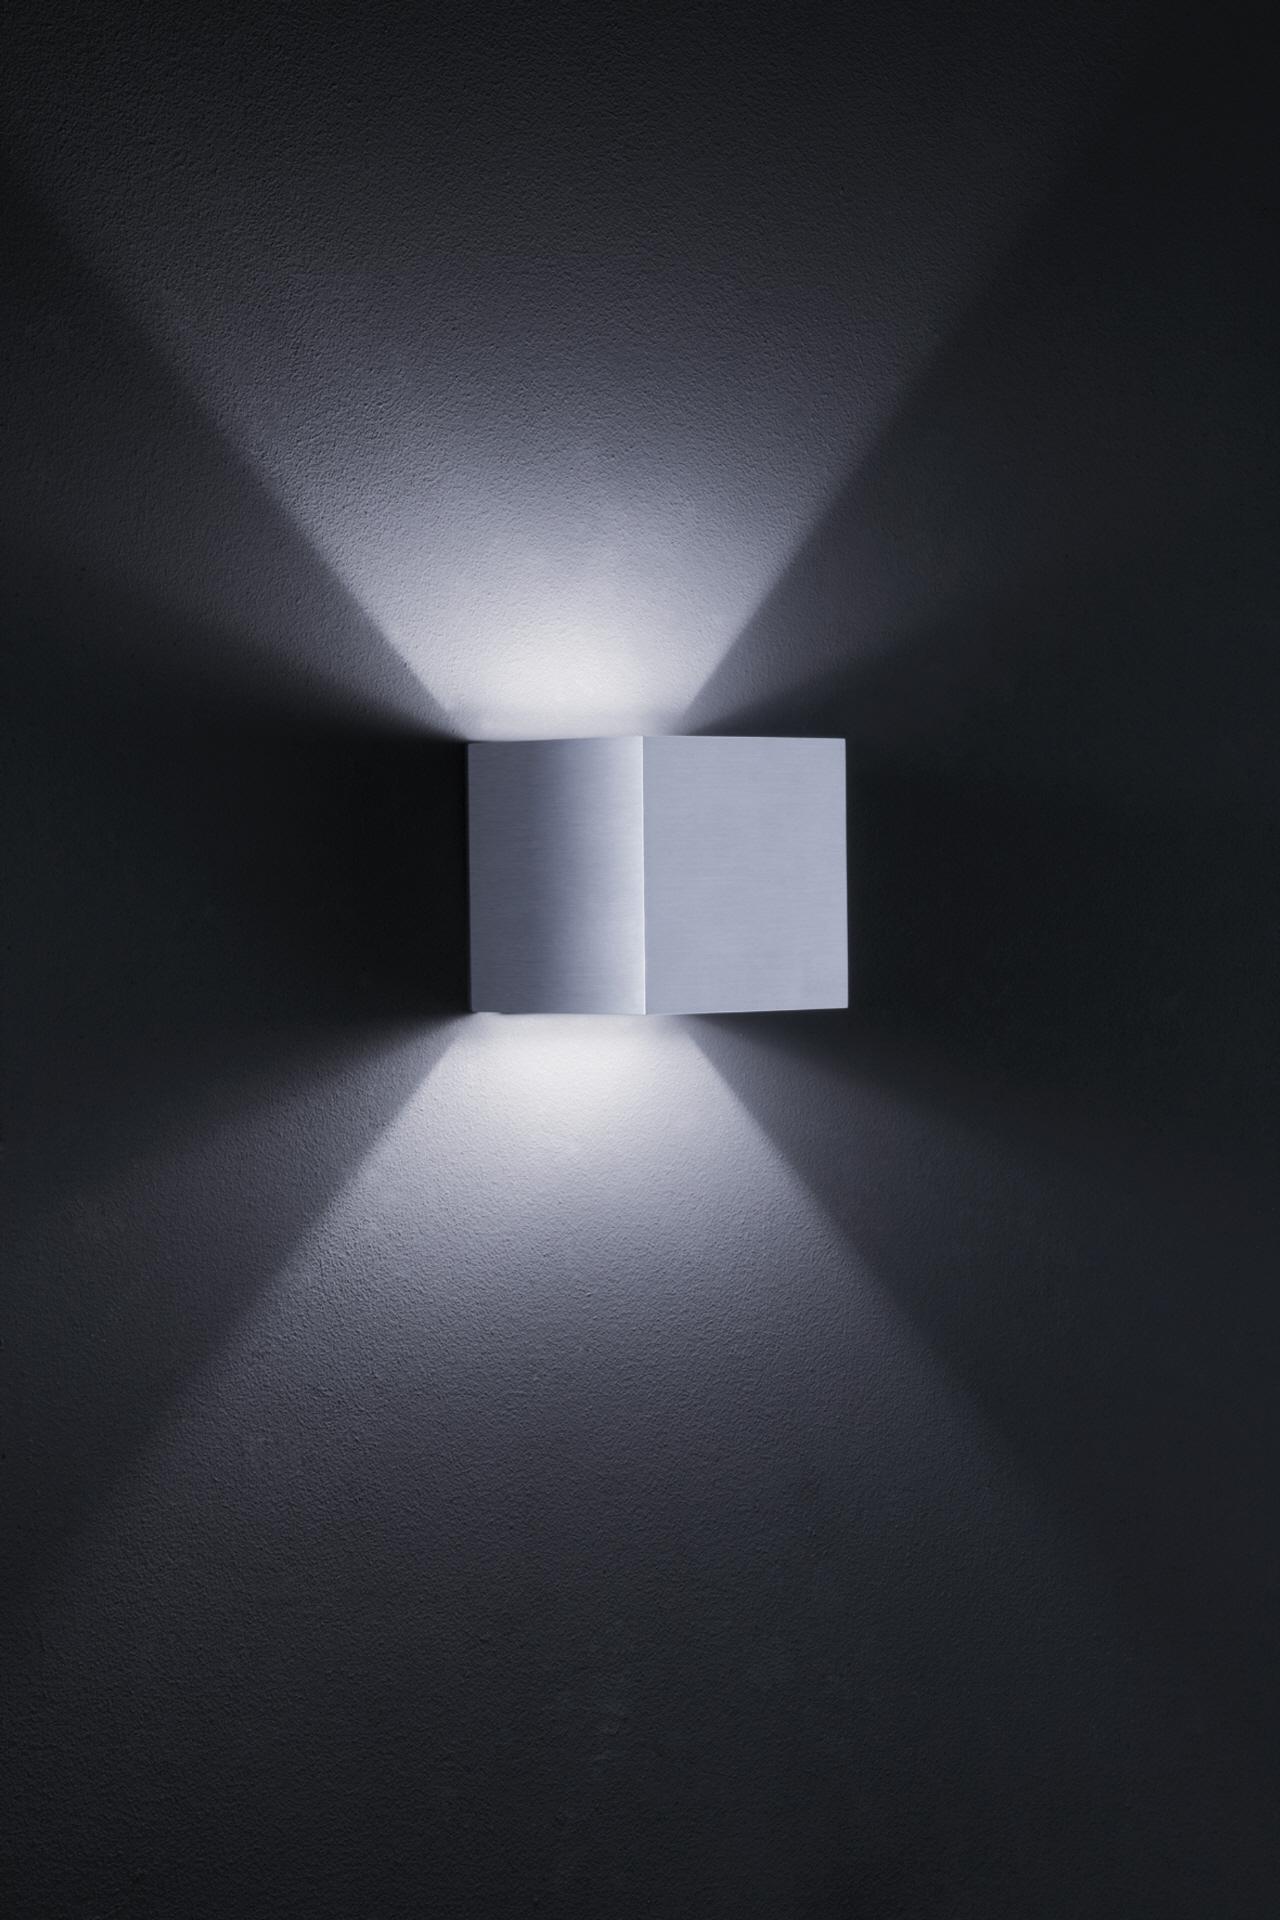 siri_18-1175.26 Faszinierend Led Lampen Leuchten Nach Dekorationen